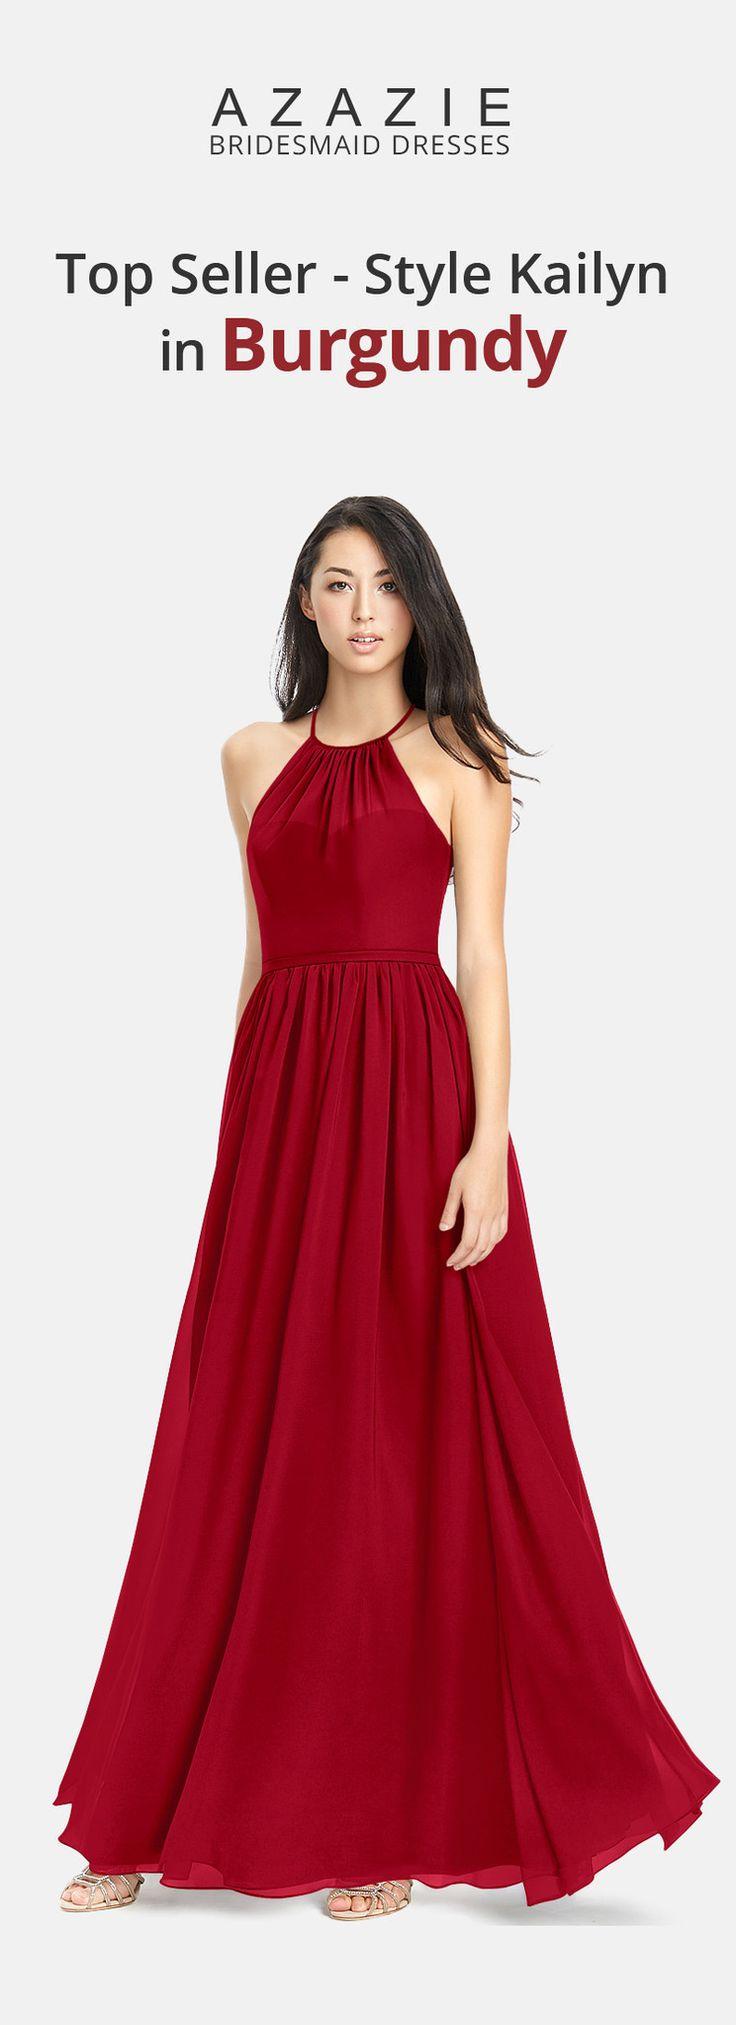 Azazie Style Kailyn in Burgundy, affordable floor-length chiffon bridesmaid dress